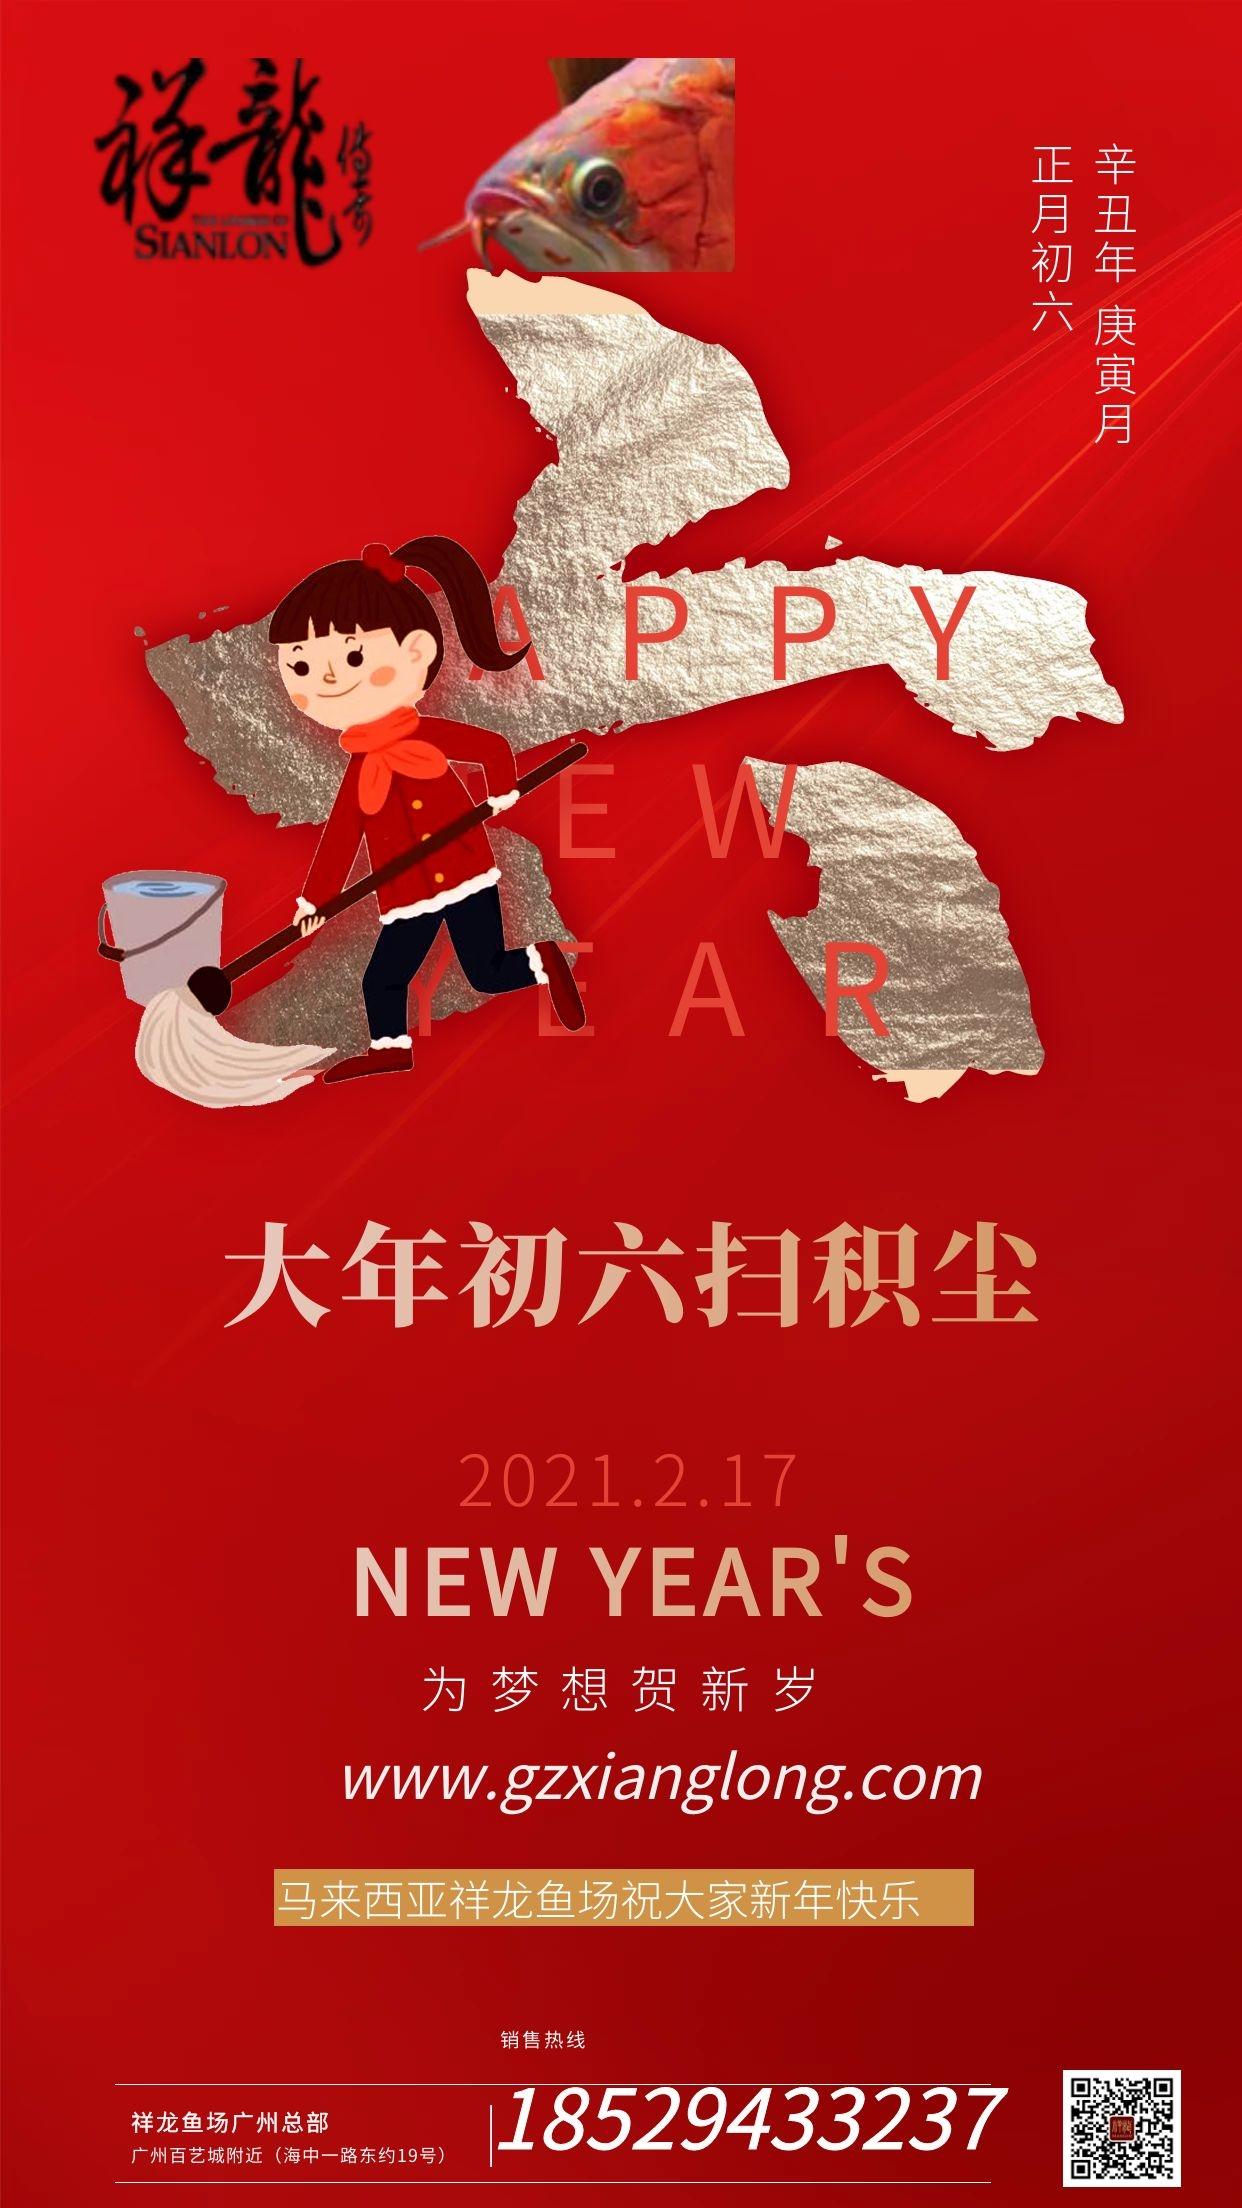 西安琉璃祥龙水族馆恭贺本市鱼友新春快乐祝福2021 西安水族馆信息 西安博特第9张